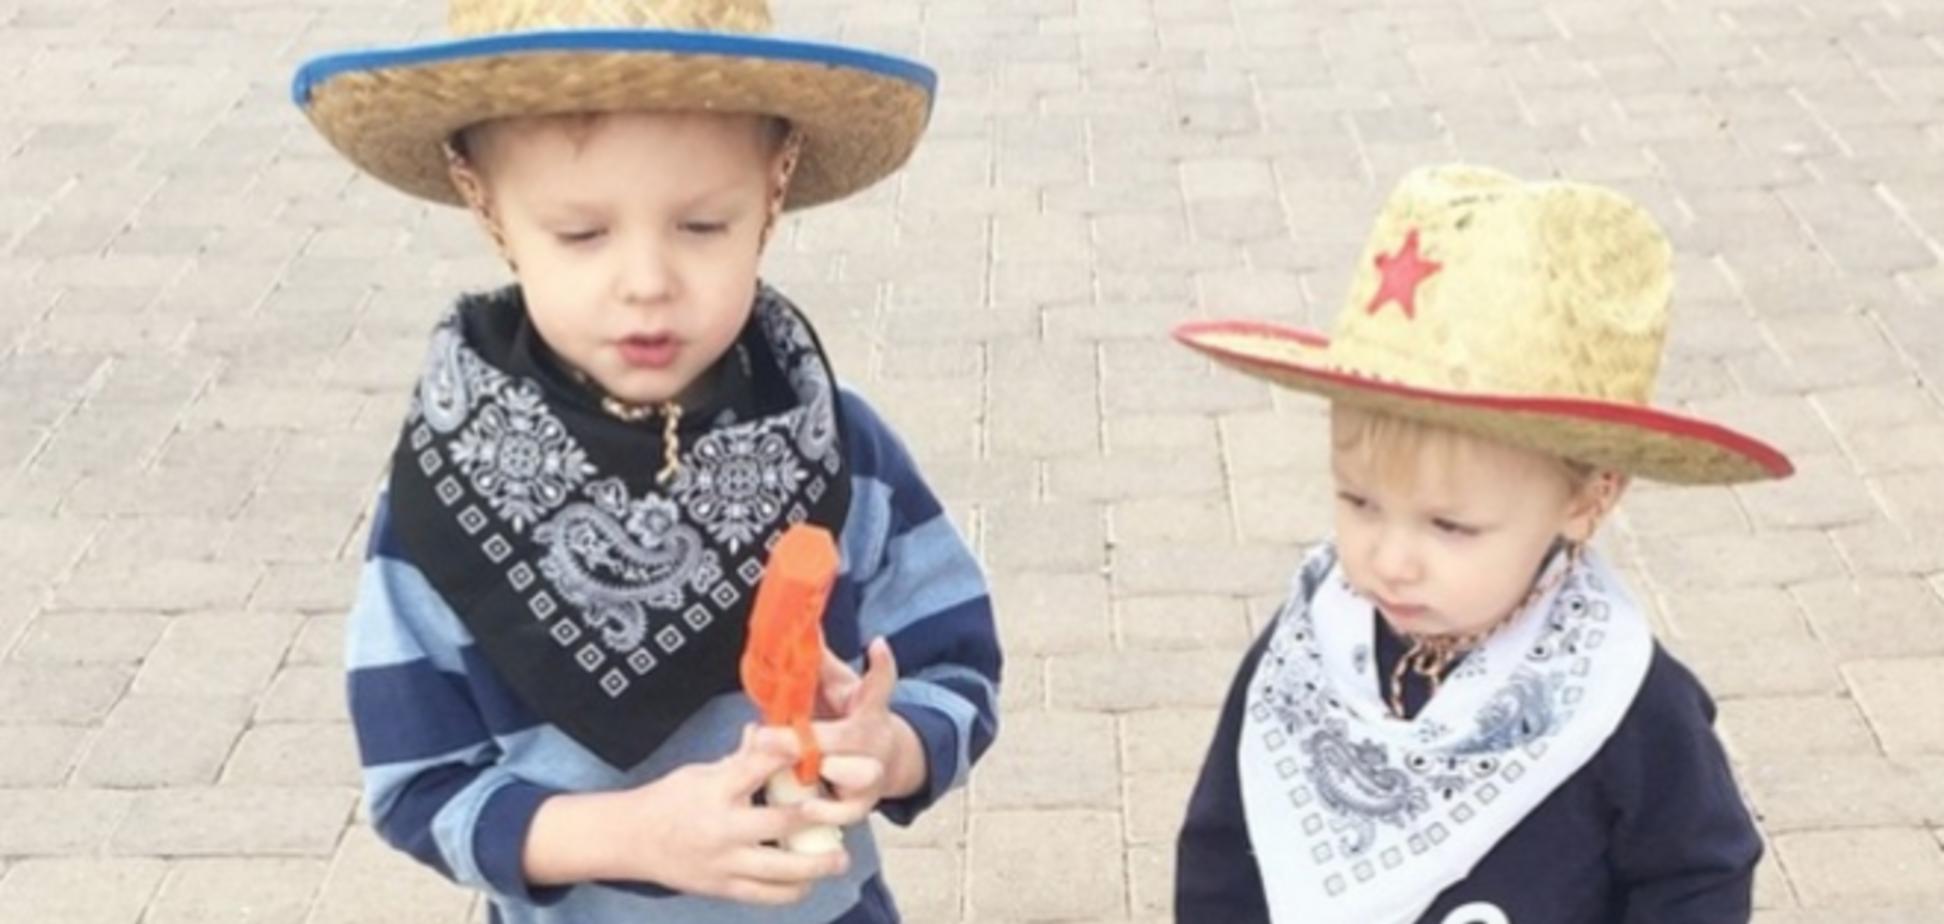 Забавный эксперимент: 3-летний сын стал личным стилистом мамы